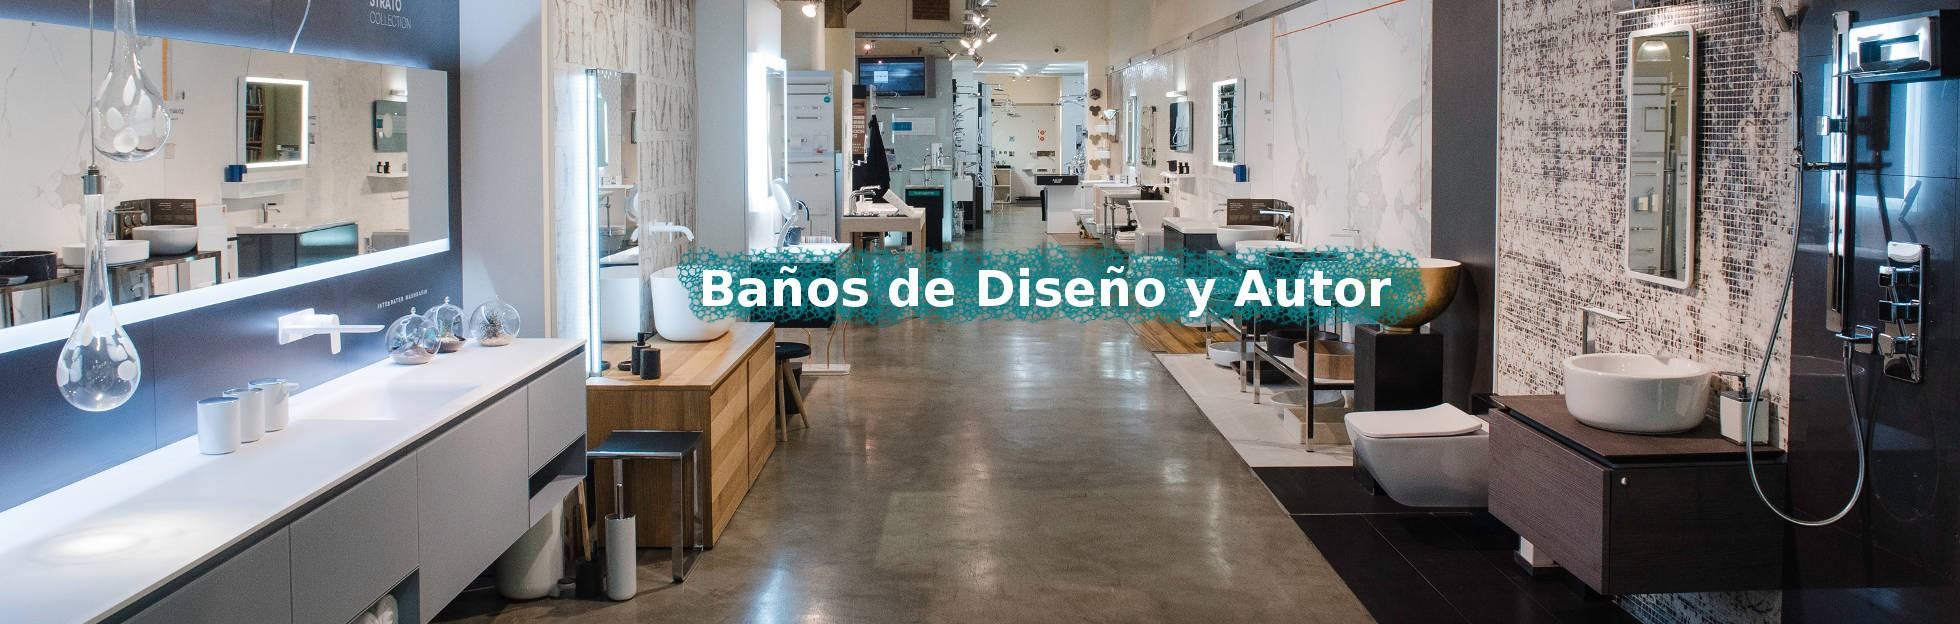 tiendas de baños barcelona